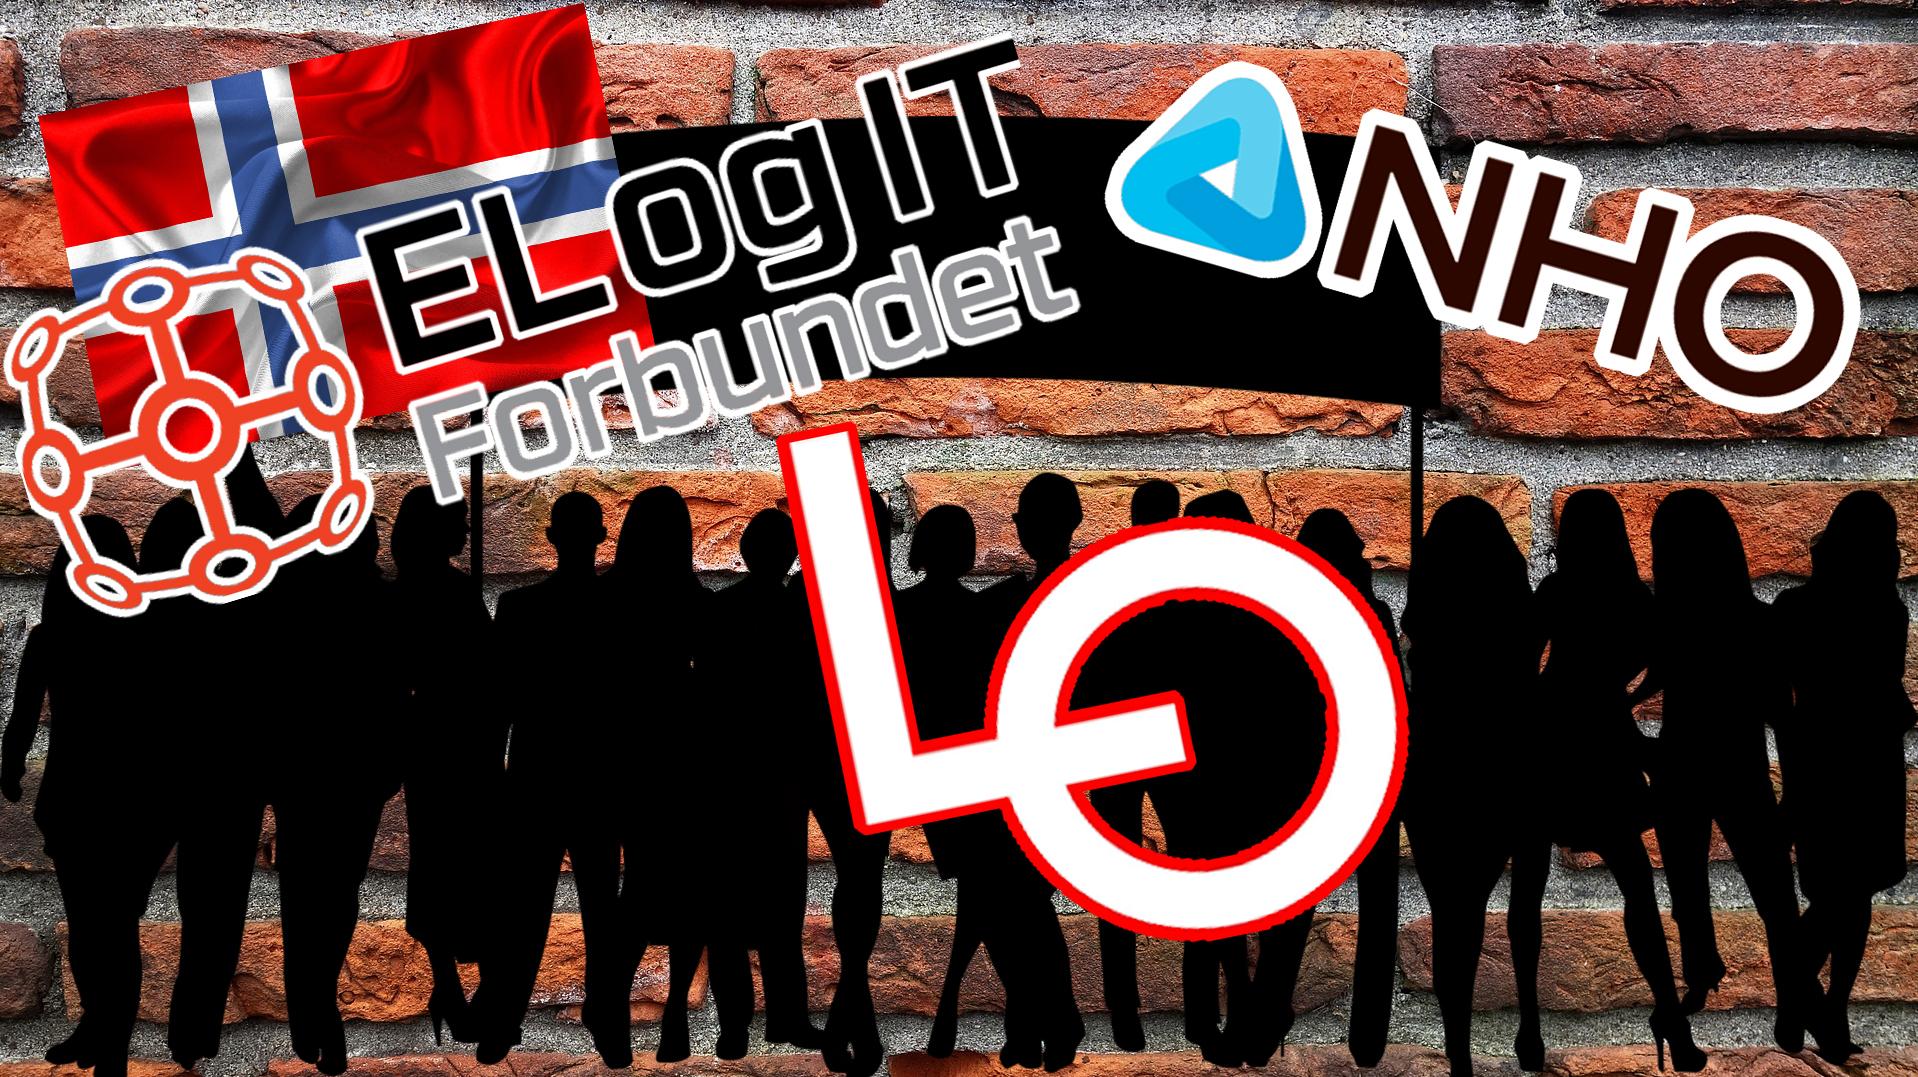 Bilden föreställer en tecknad folksamling i silhuette, med höjda plakat. Över bilden är monterat den norska flaggan, samt logotyperna för El of IT-förbundet, LO och NHO.